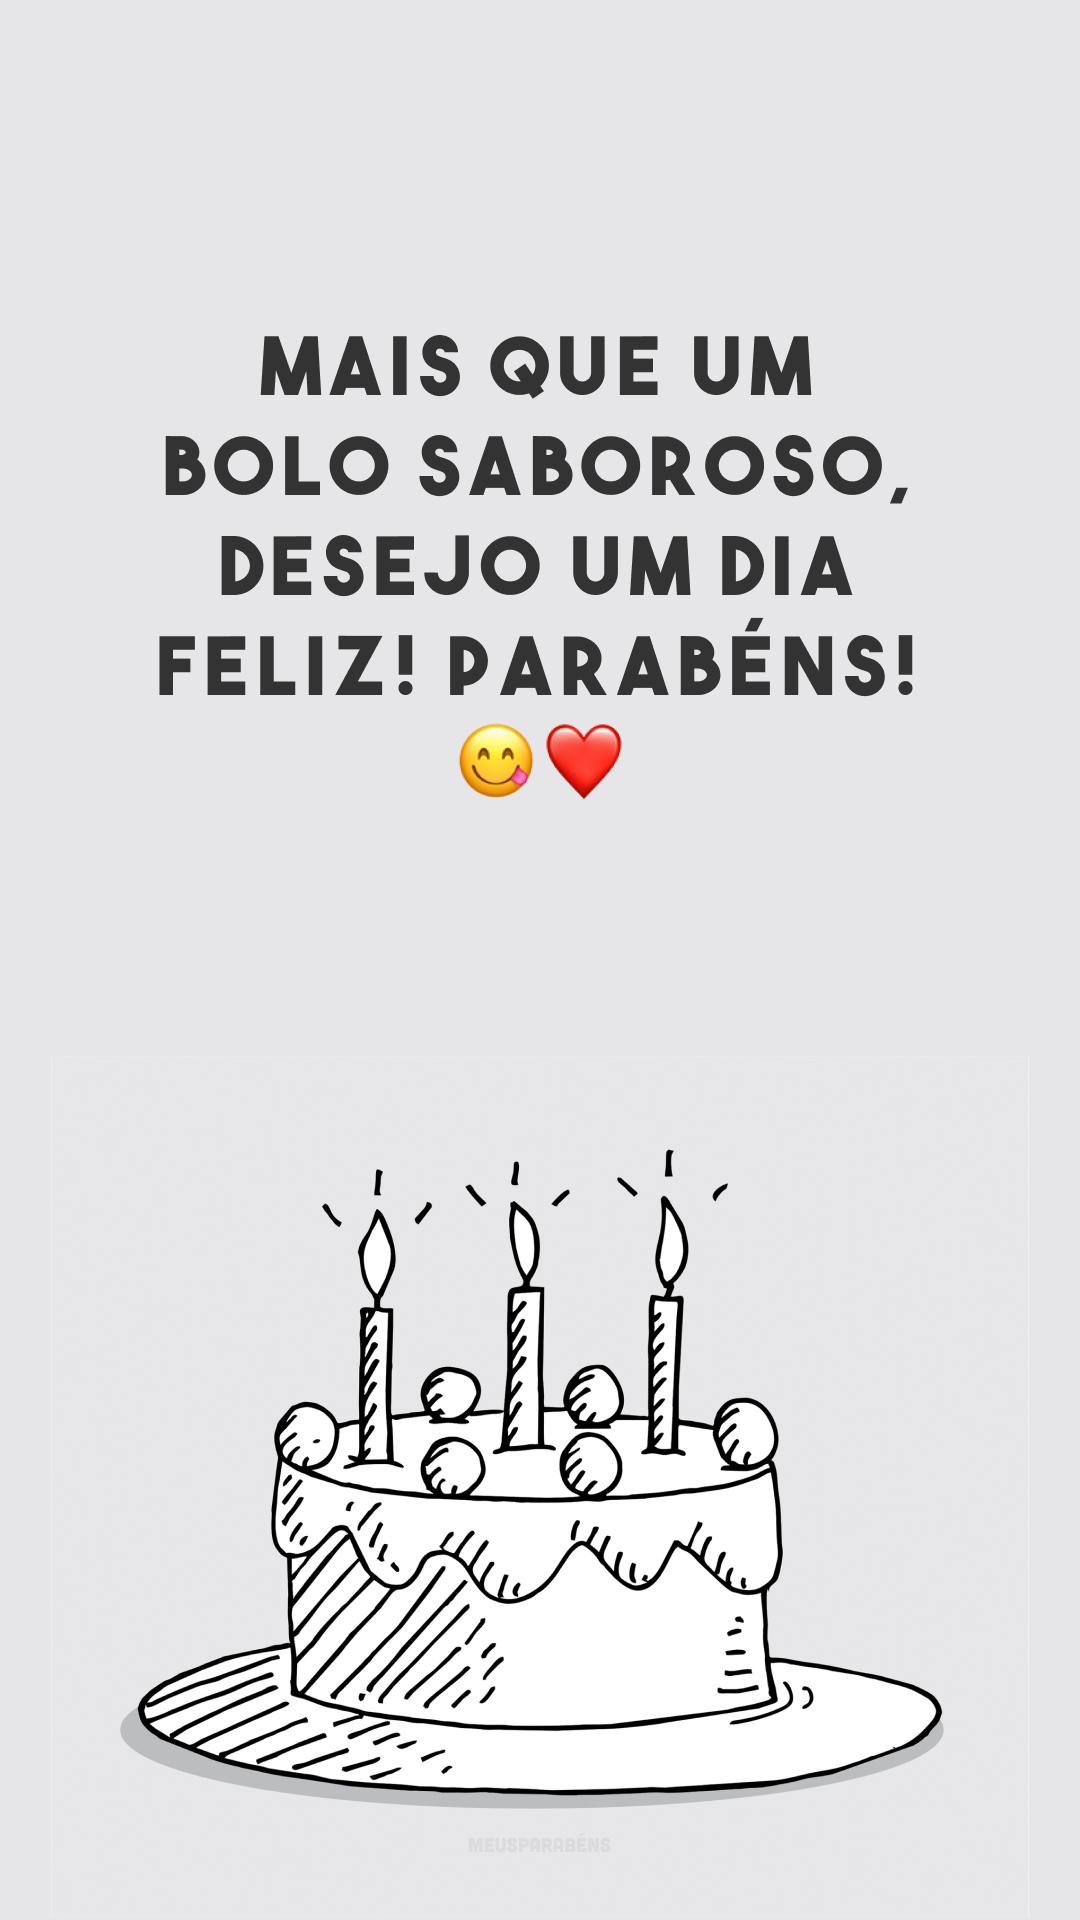 Mais que um bolo saboroso, desejo um dia feliz! Parabéns! 😋❤